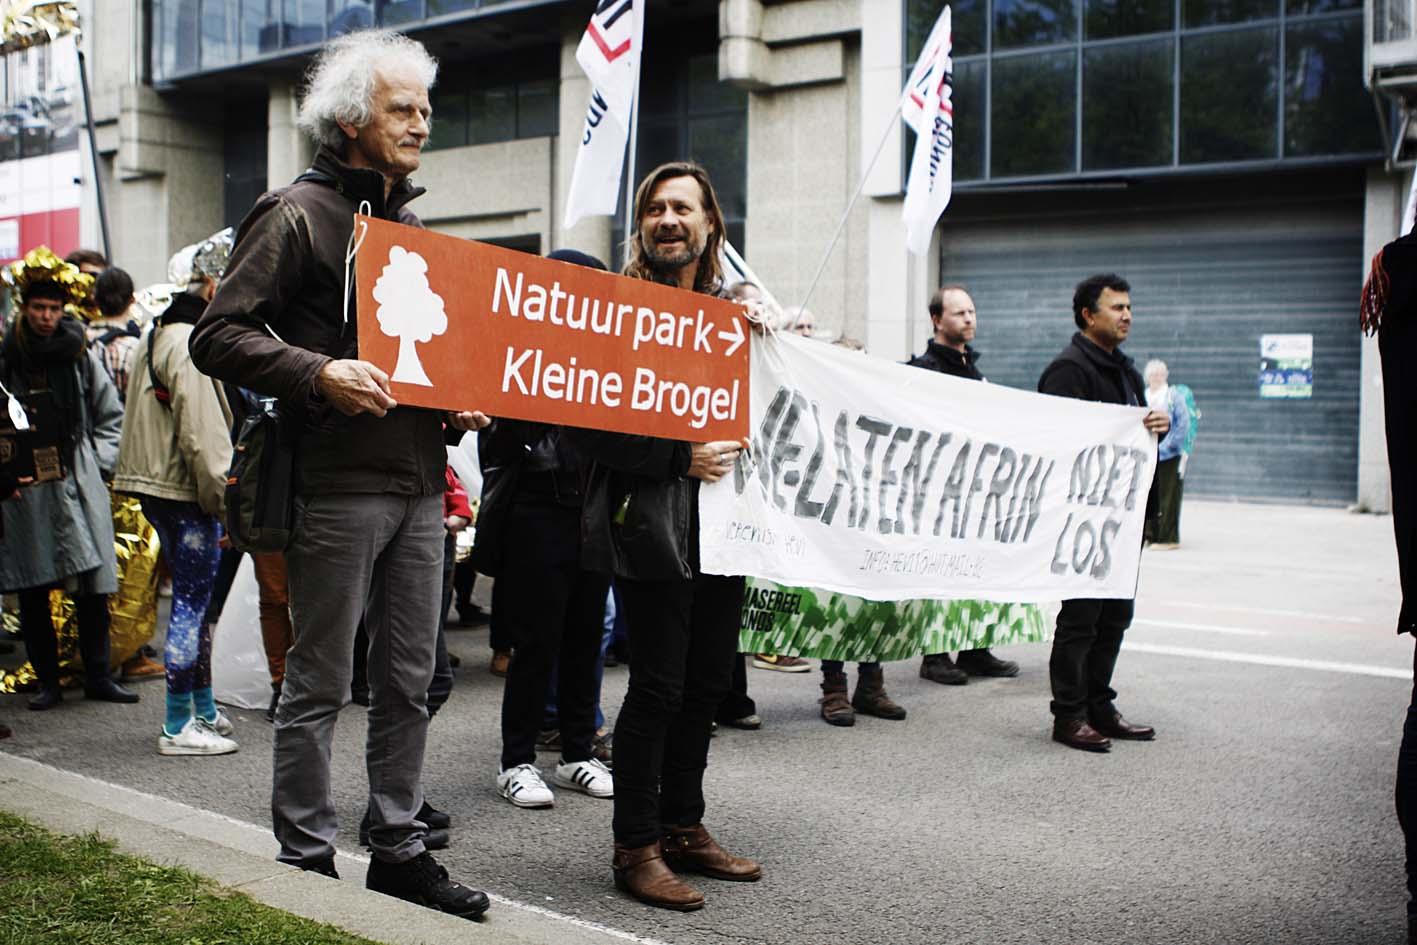 Duizenden mensen op straat voor het klimaat en sociale rechten